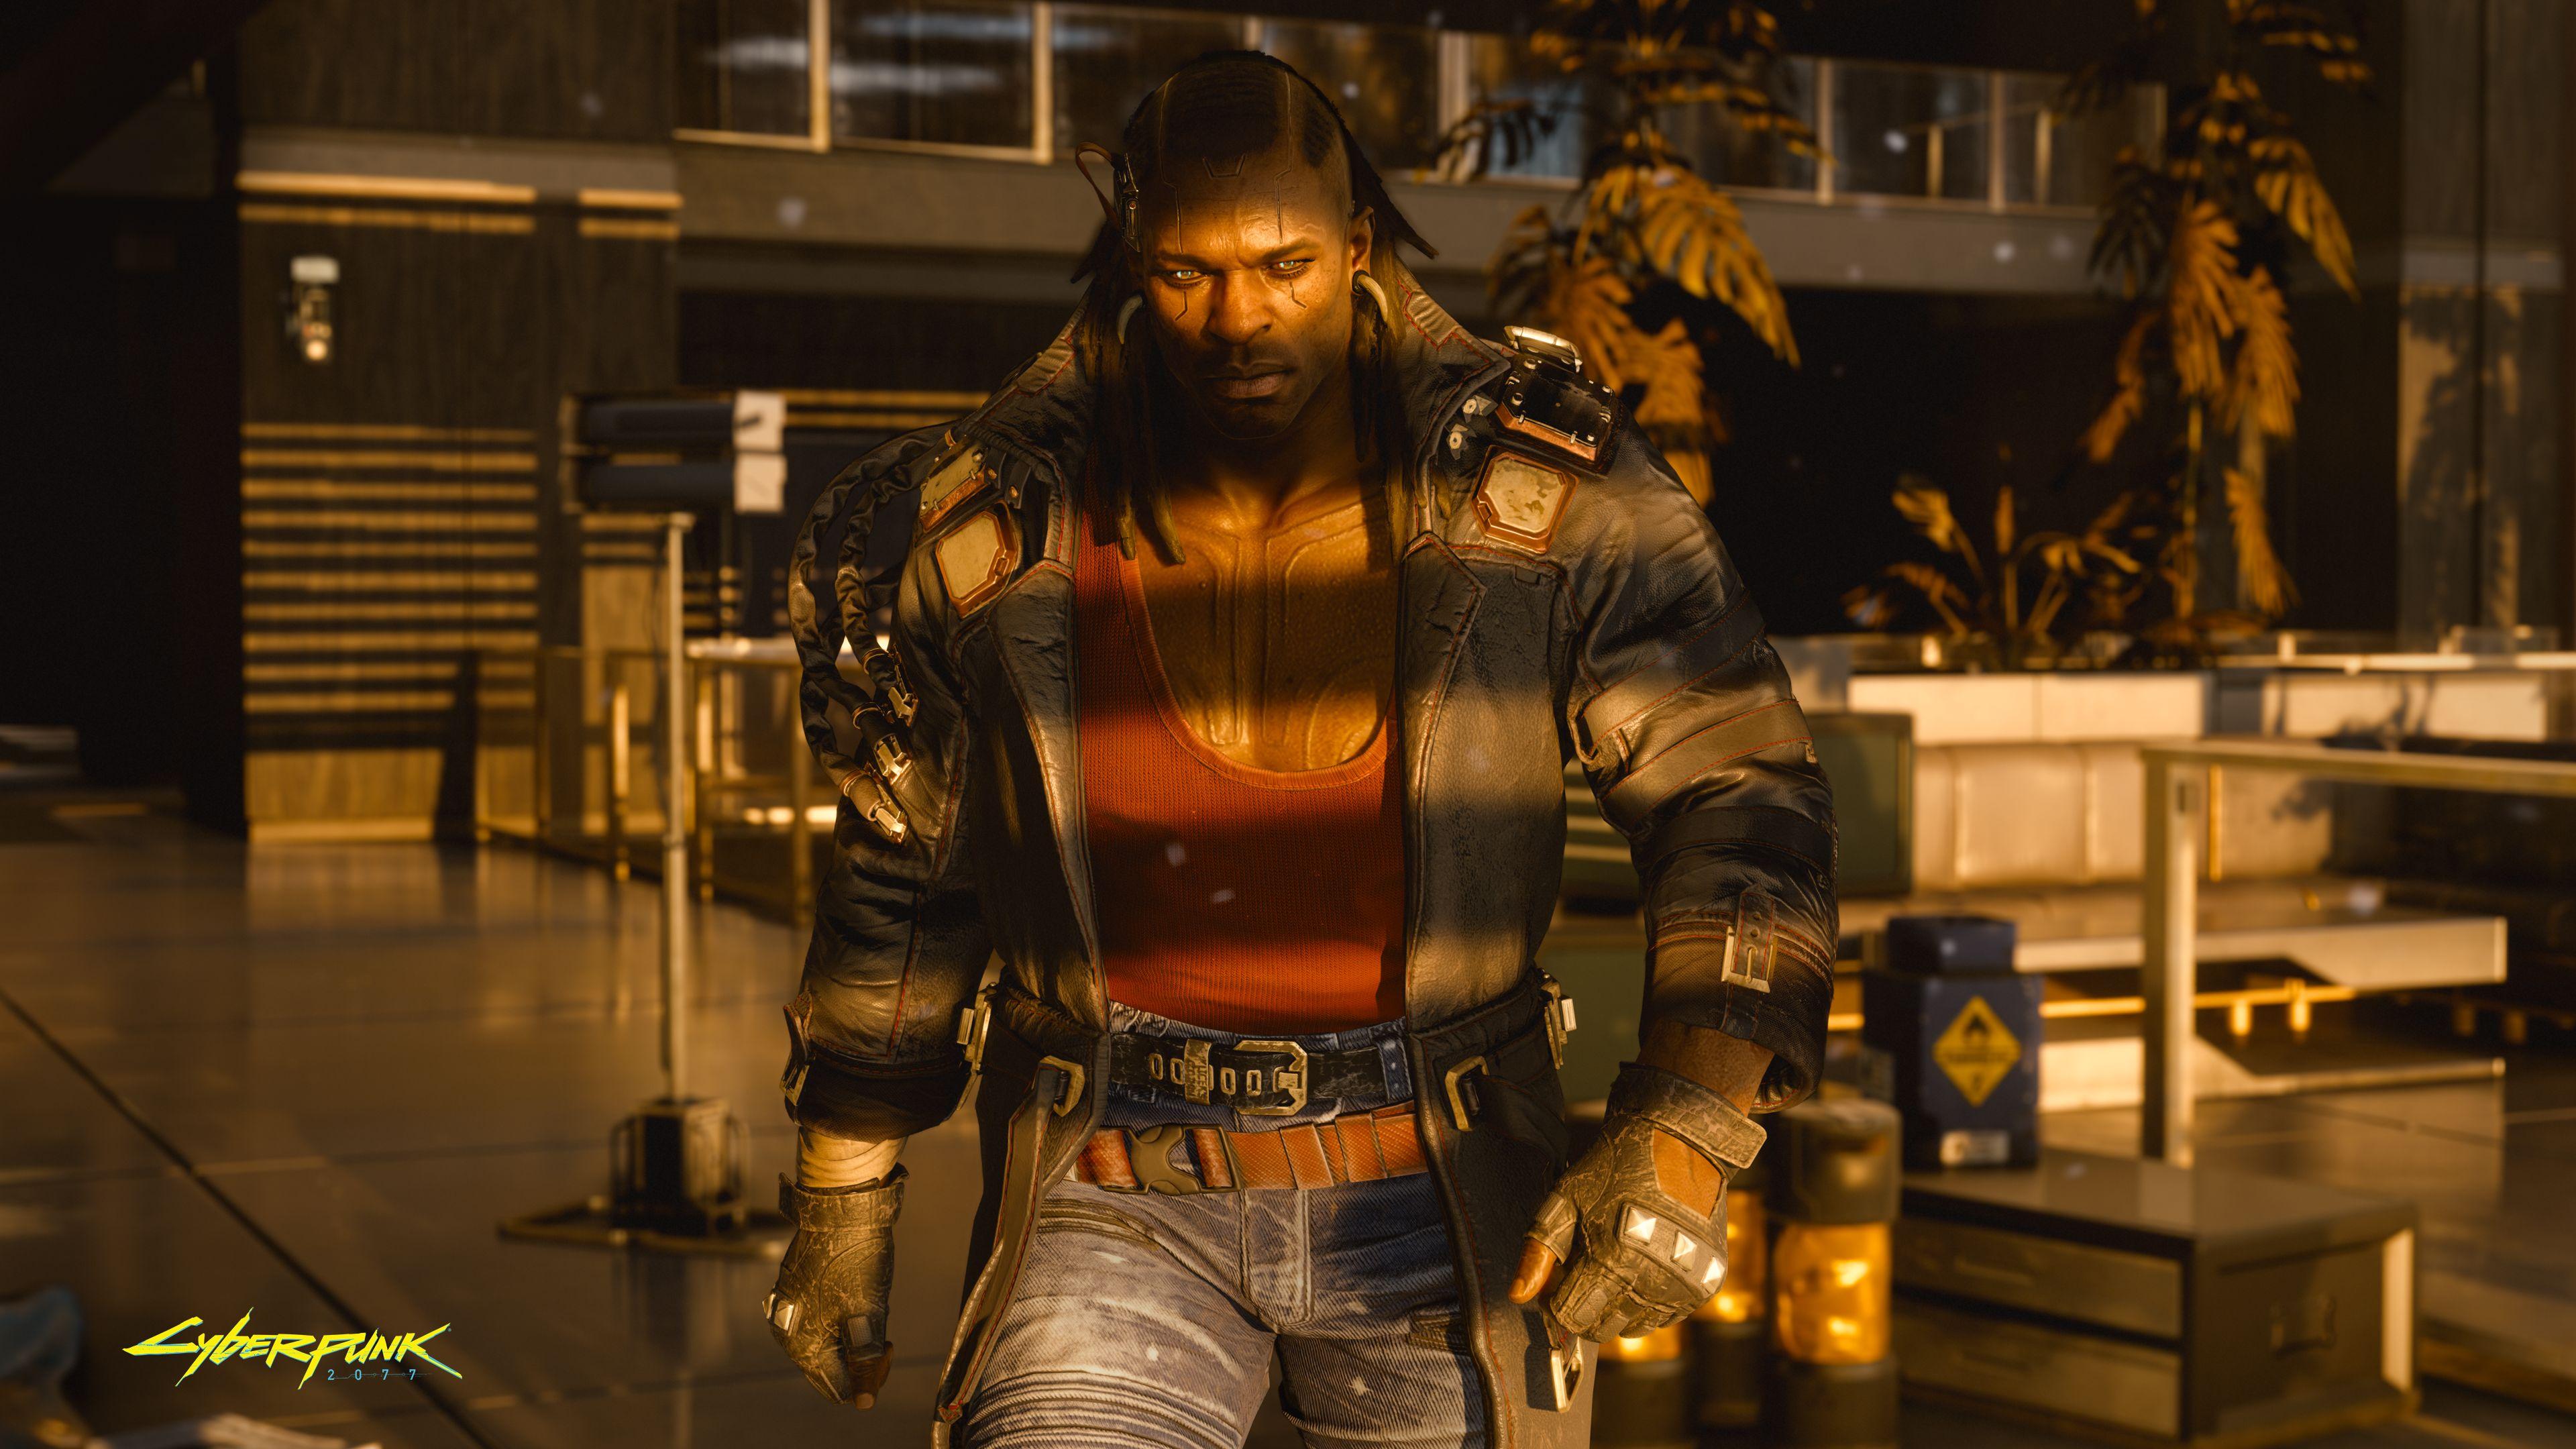 Cyberpunk 2077 obtendrá tanto DLC como Witcher 3, detalles antes del lanzamiento 54